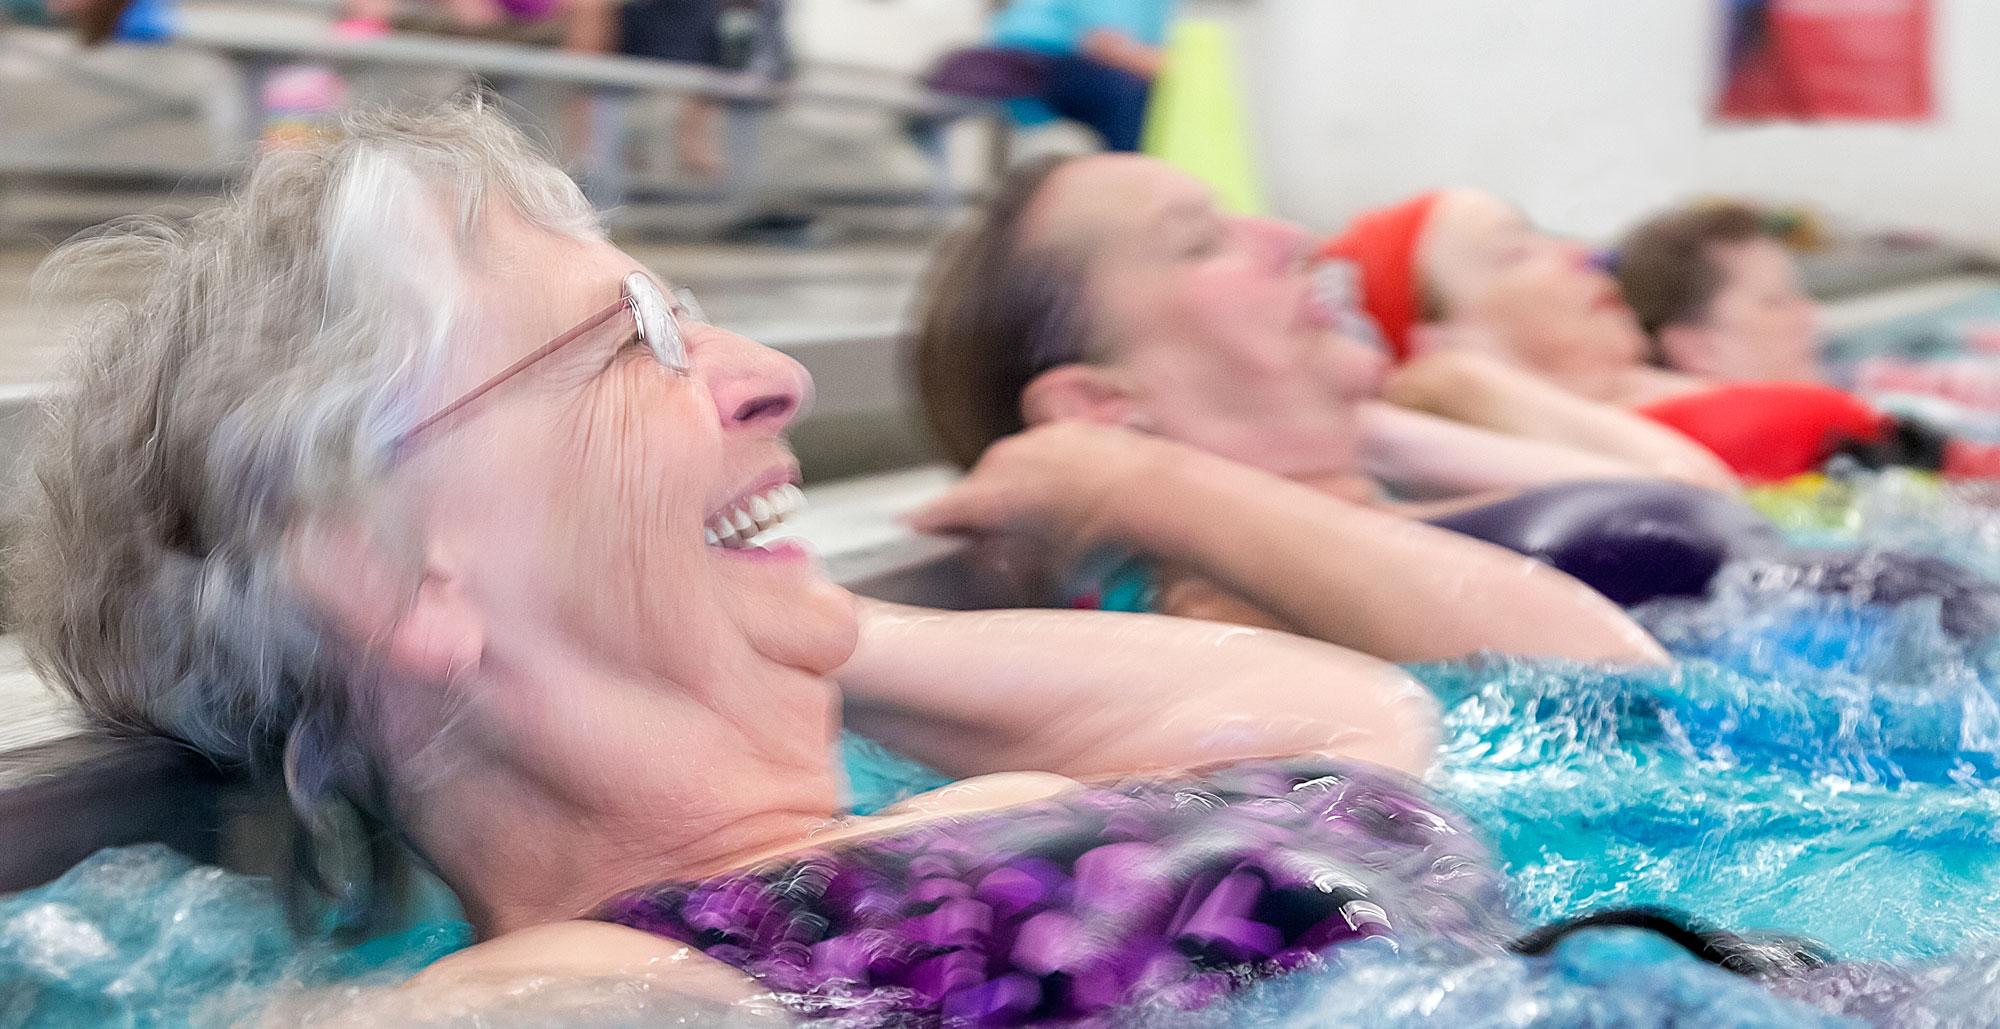 IMAGE: Seniors in Swimming Pool